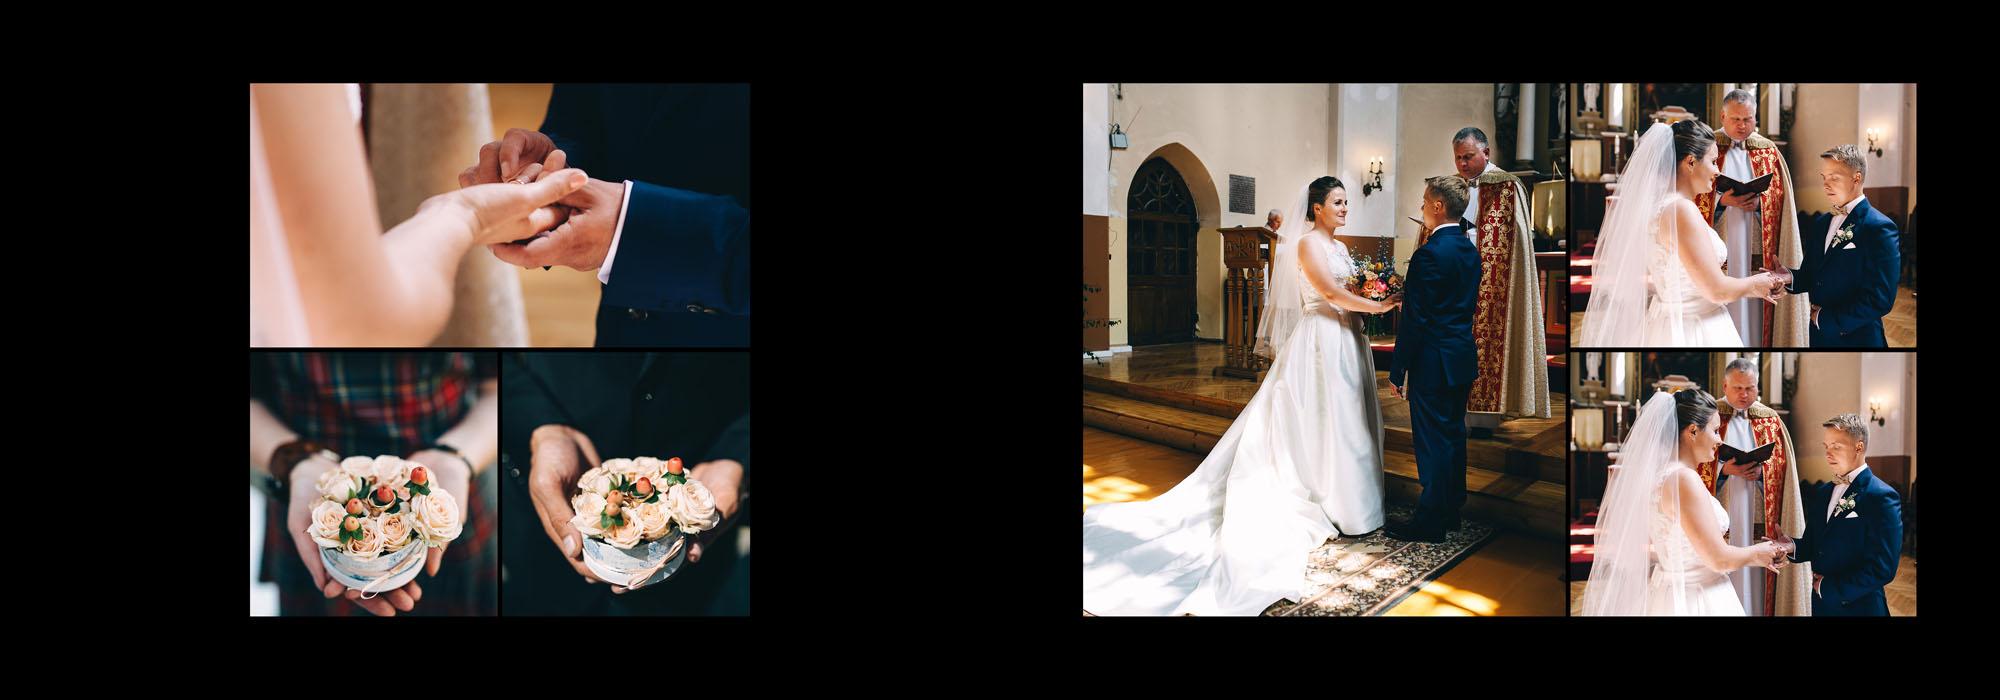 Vestuviu fotografas_30